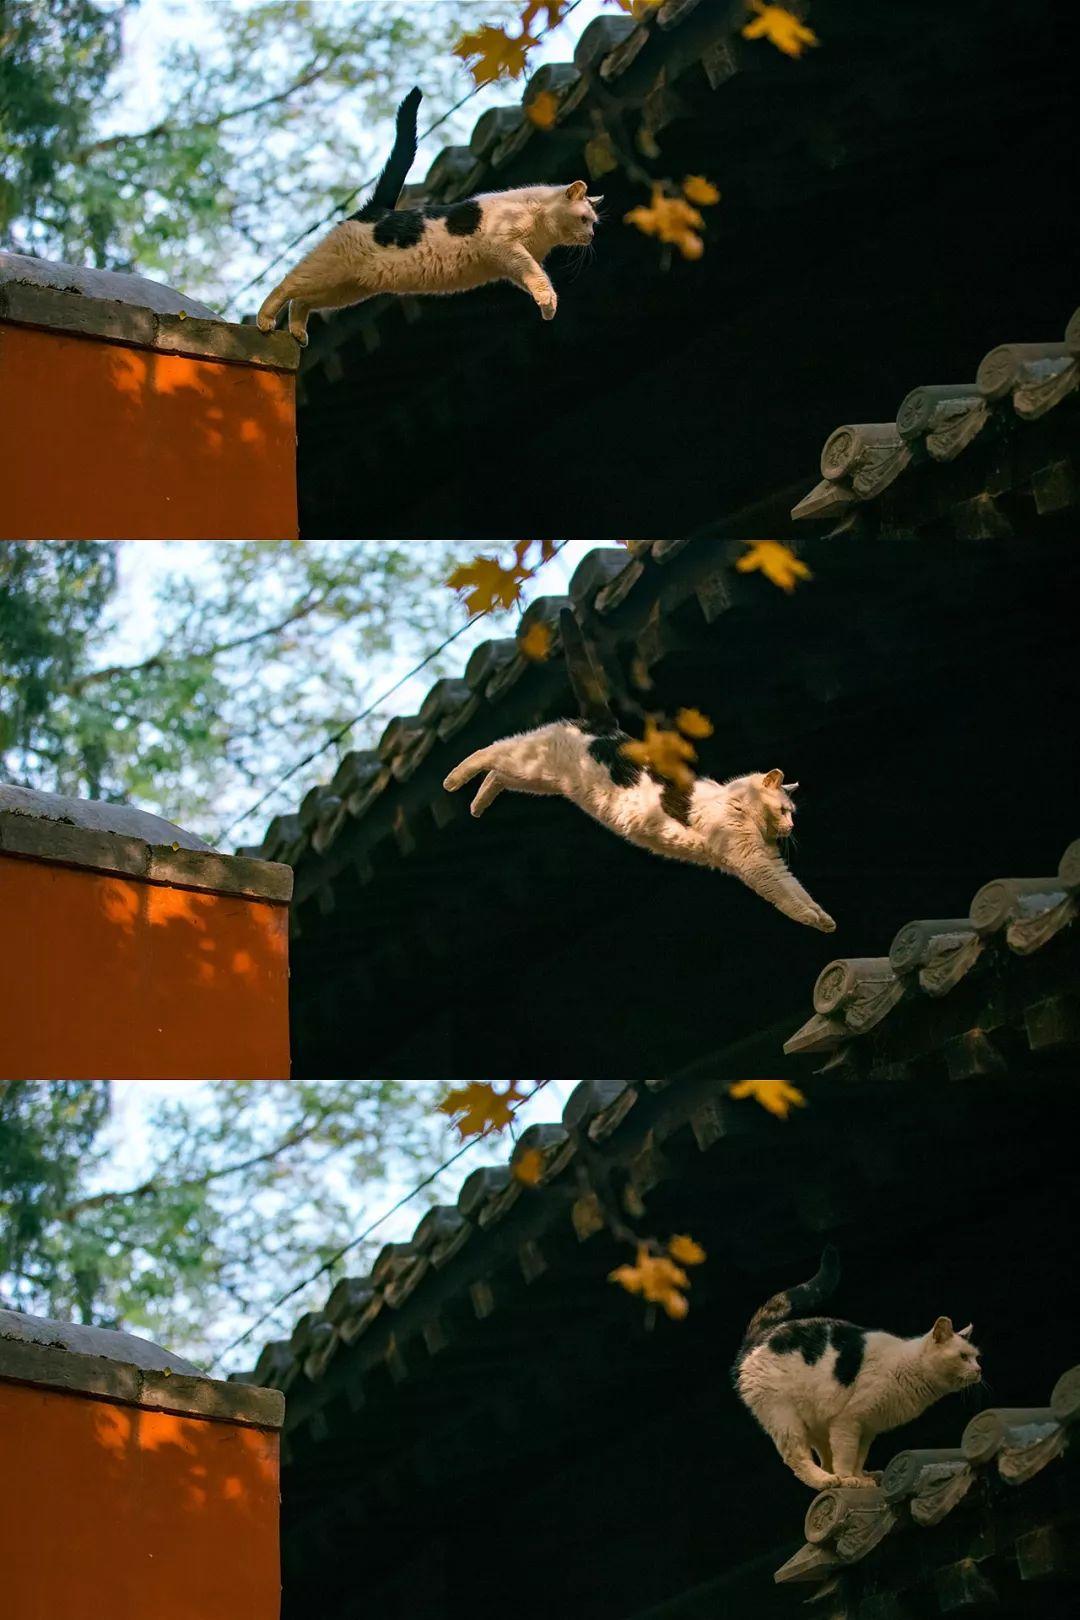 大觉寺秋色中,那些会飞的猫